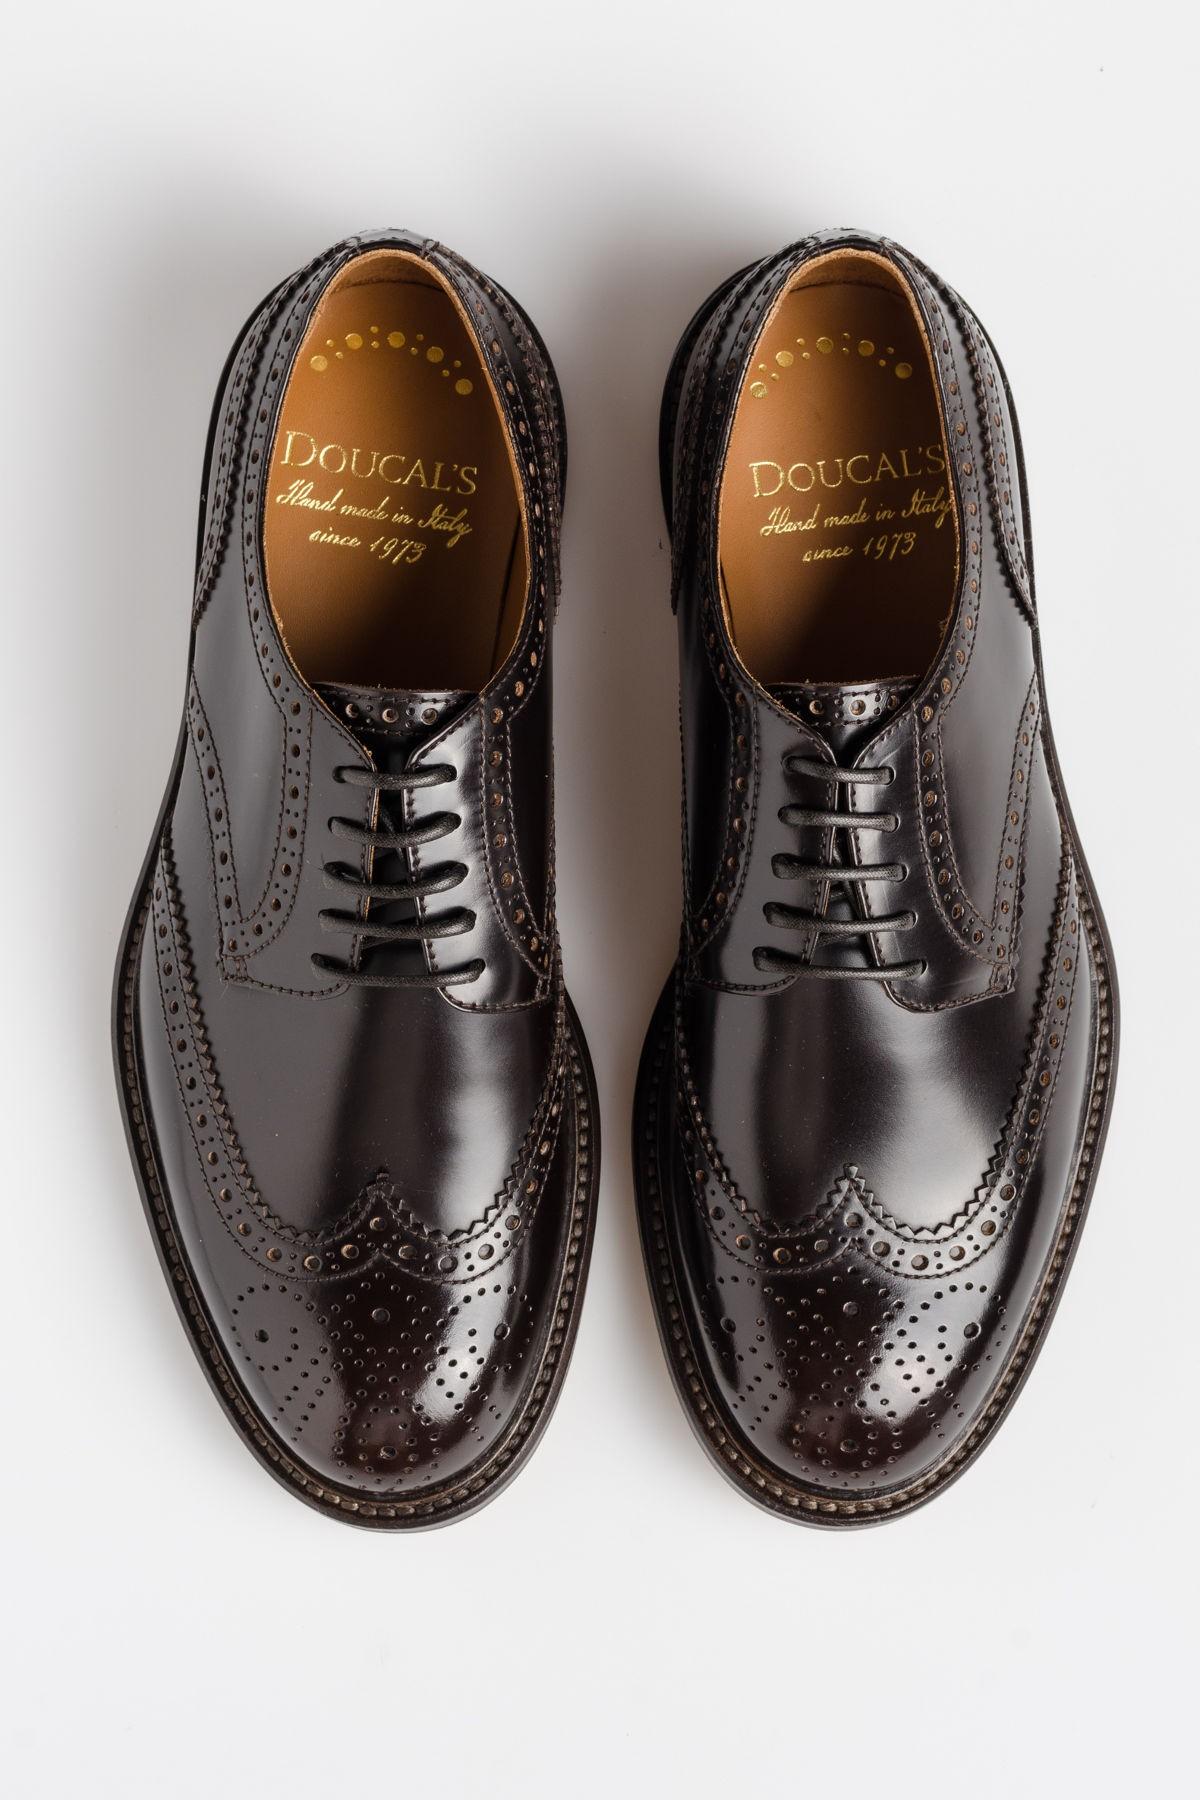 Scarpe comode uomo BIRKENSTOCK in tutti i colori e numeri Acquista online direttamente dal produttore tutte le tendenze di moda di Birkenstock.